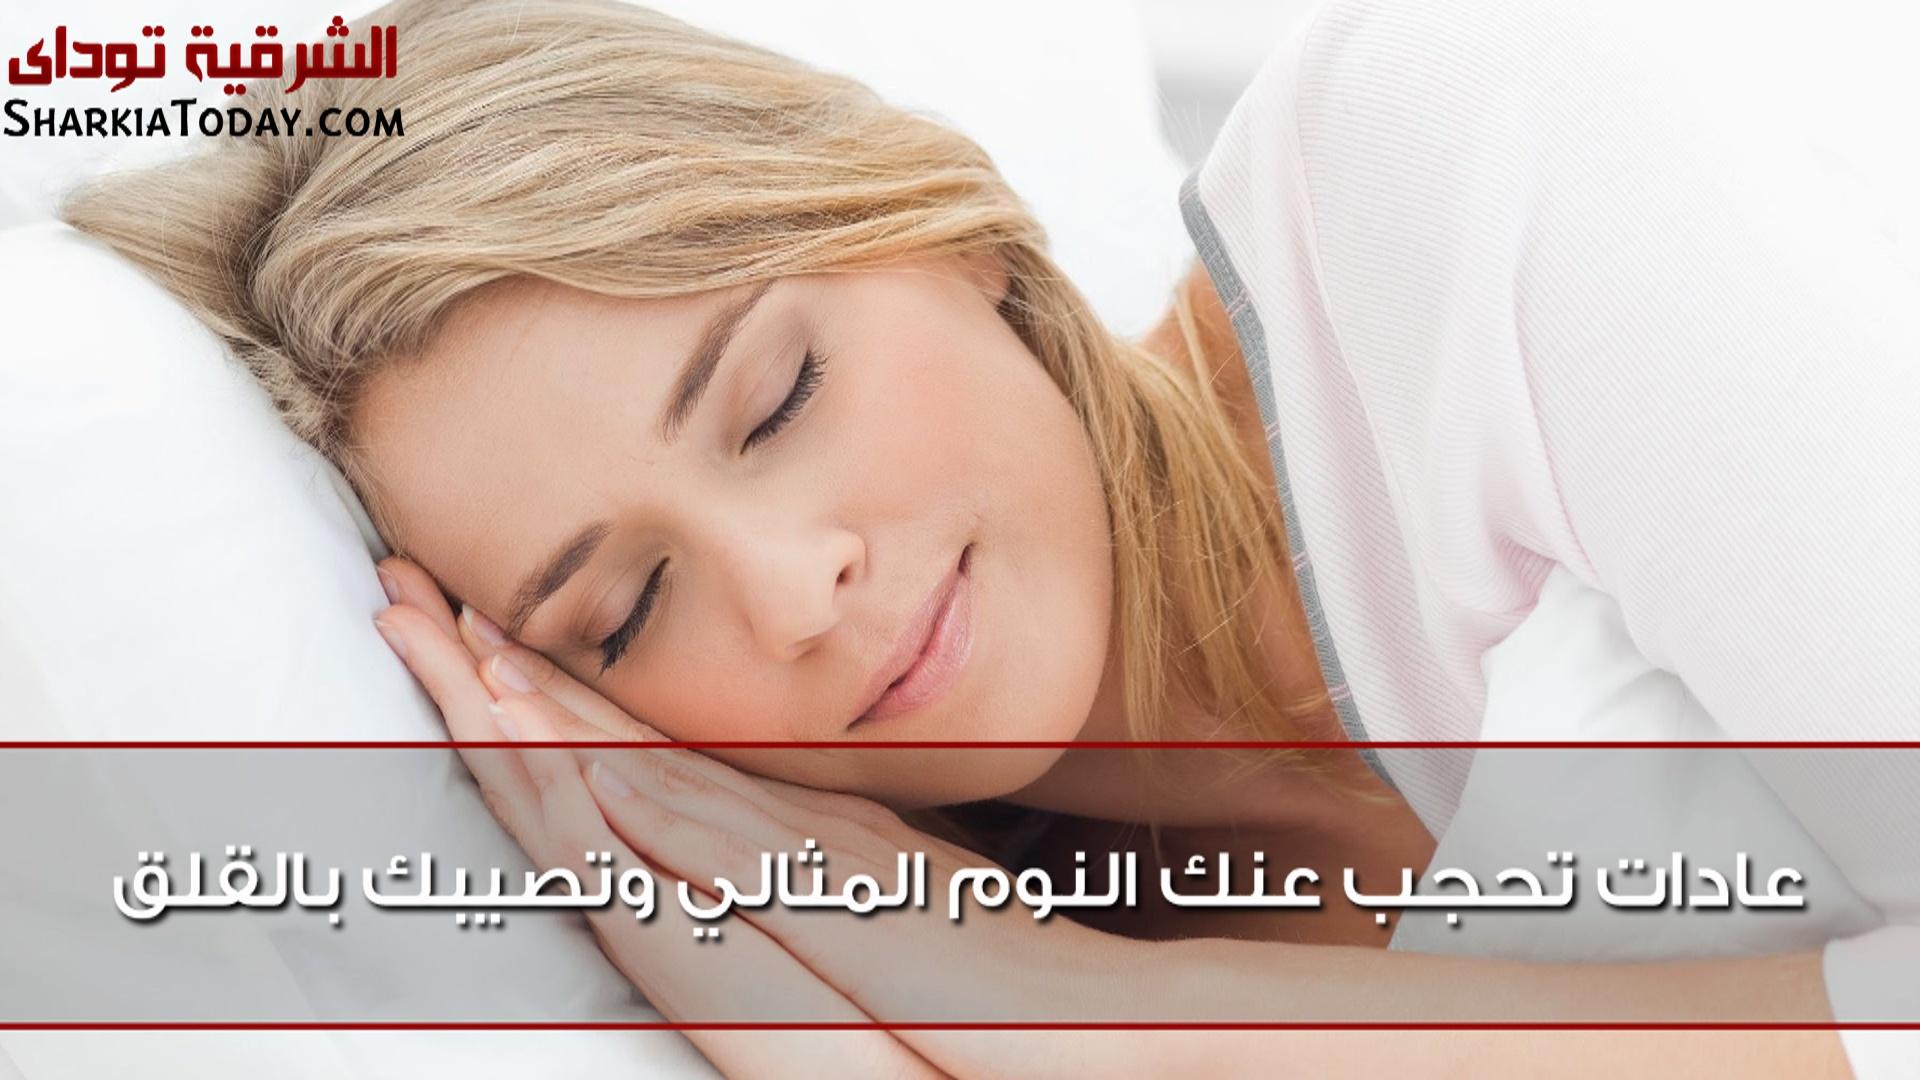 صورة عادات تحجب عنك النوم المثالي وتصيبك بالقلق